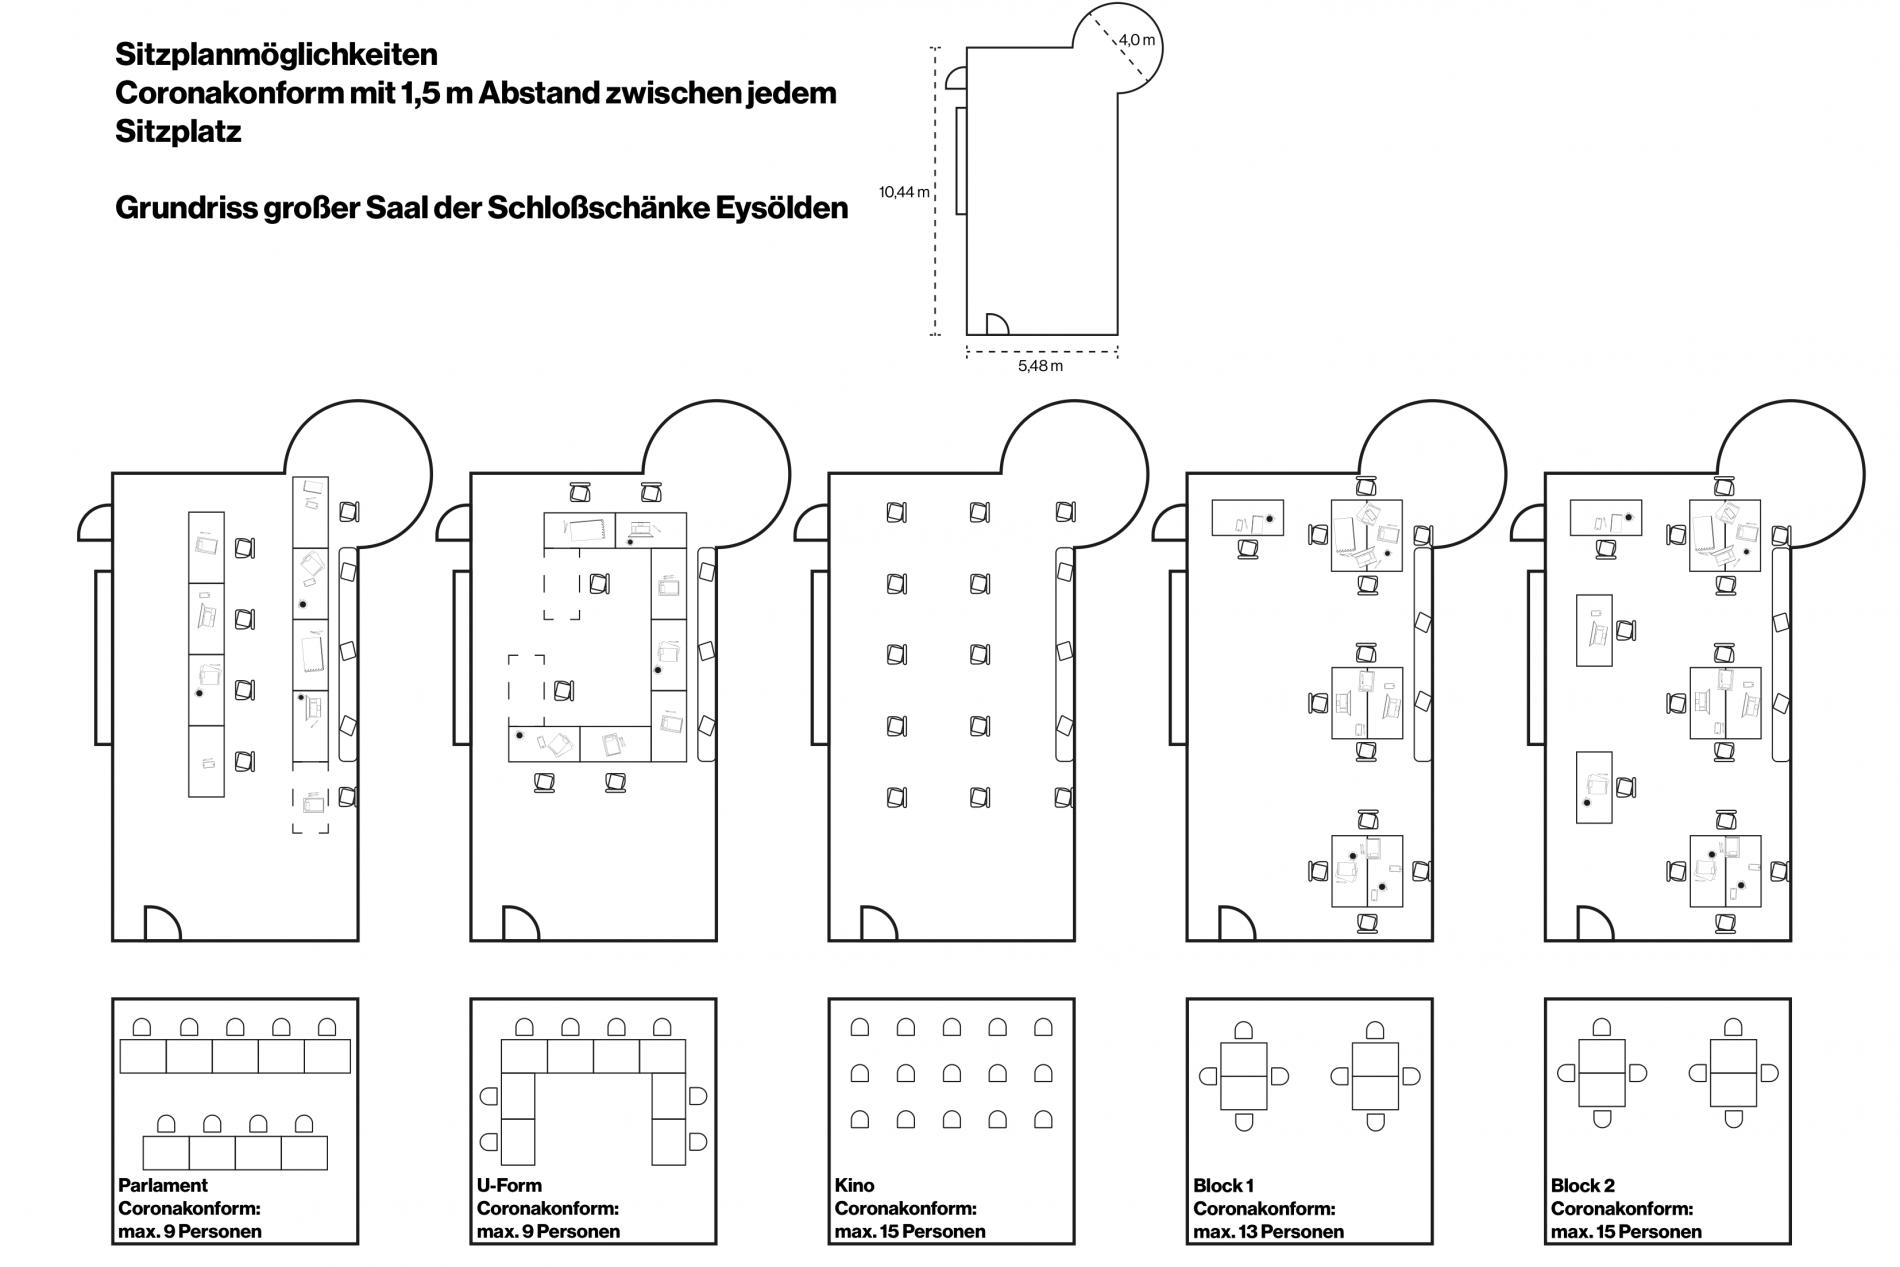 Bestuhlung-Schlossschänke-Eysölden-1